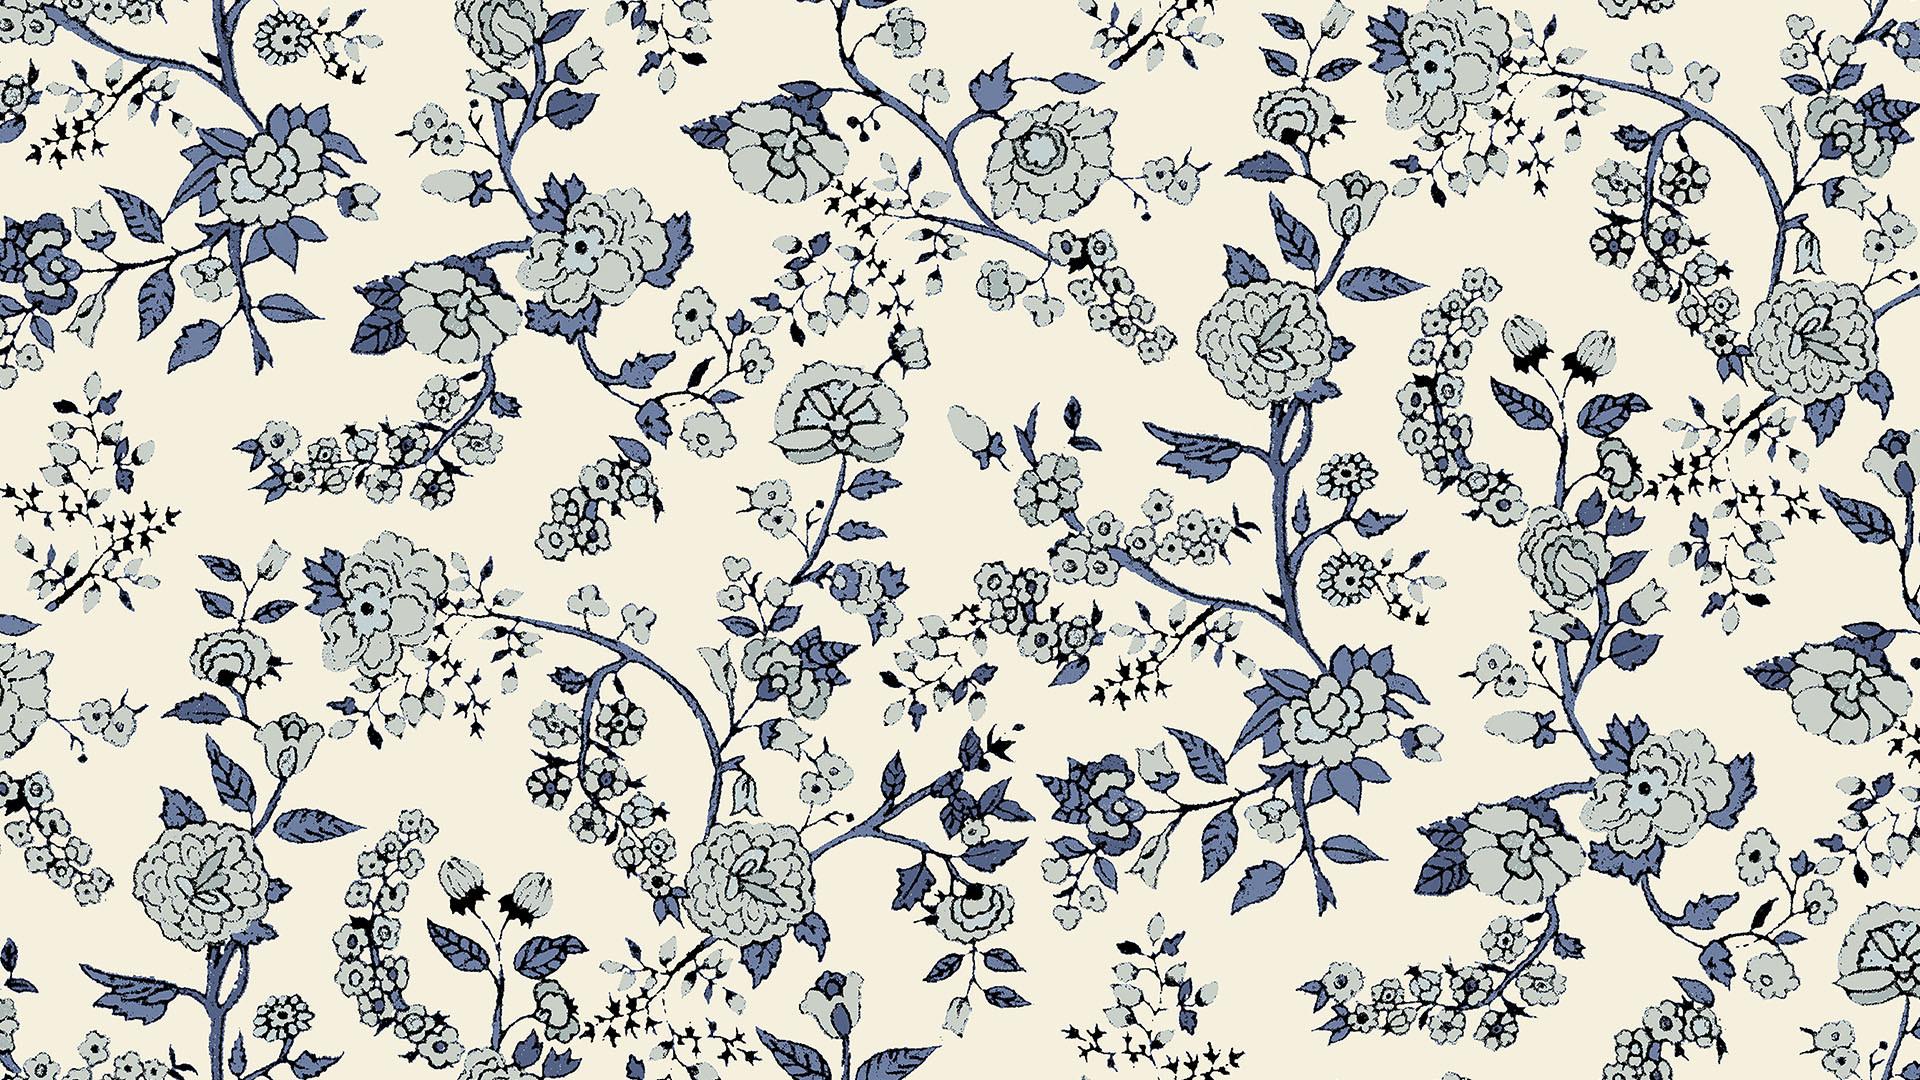 Lilly Iphone Wallpaper Desktop Wallpaper Patterns 183 ①